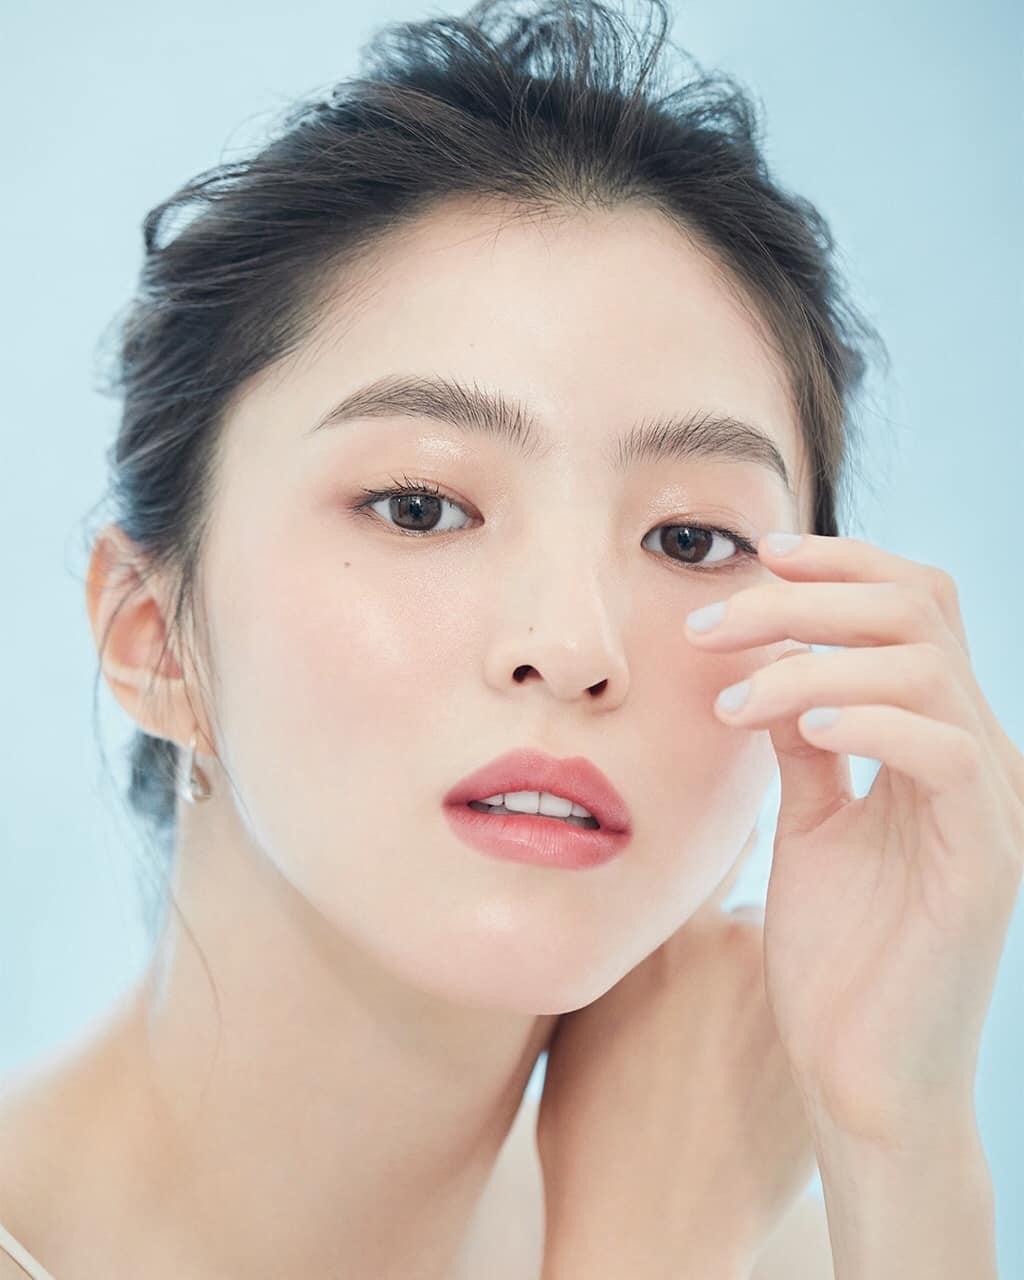 Nữ thần cảnh nóng Han So Hee chứng minh nhan sắc sinh ra để quảng cáo mỹ phẩm - page 2 - 2